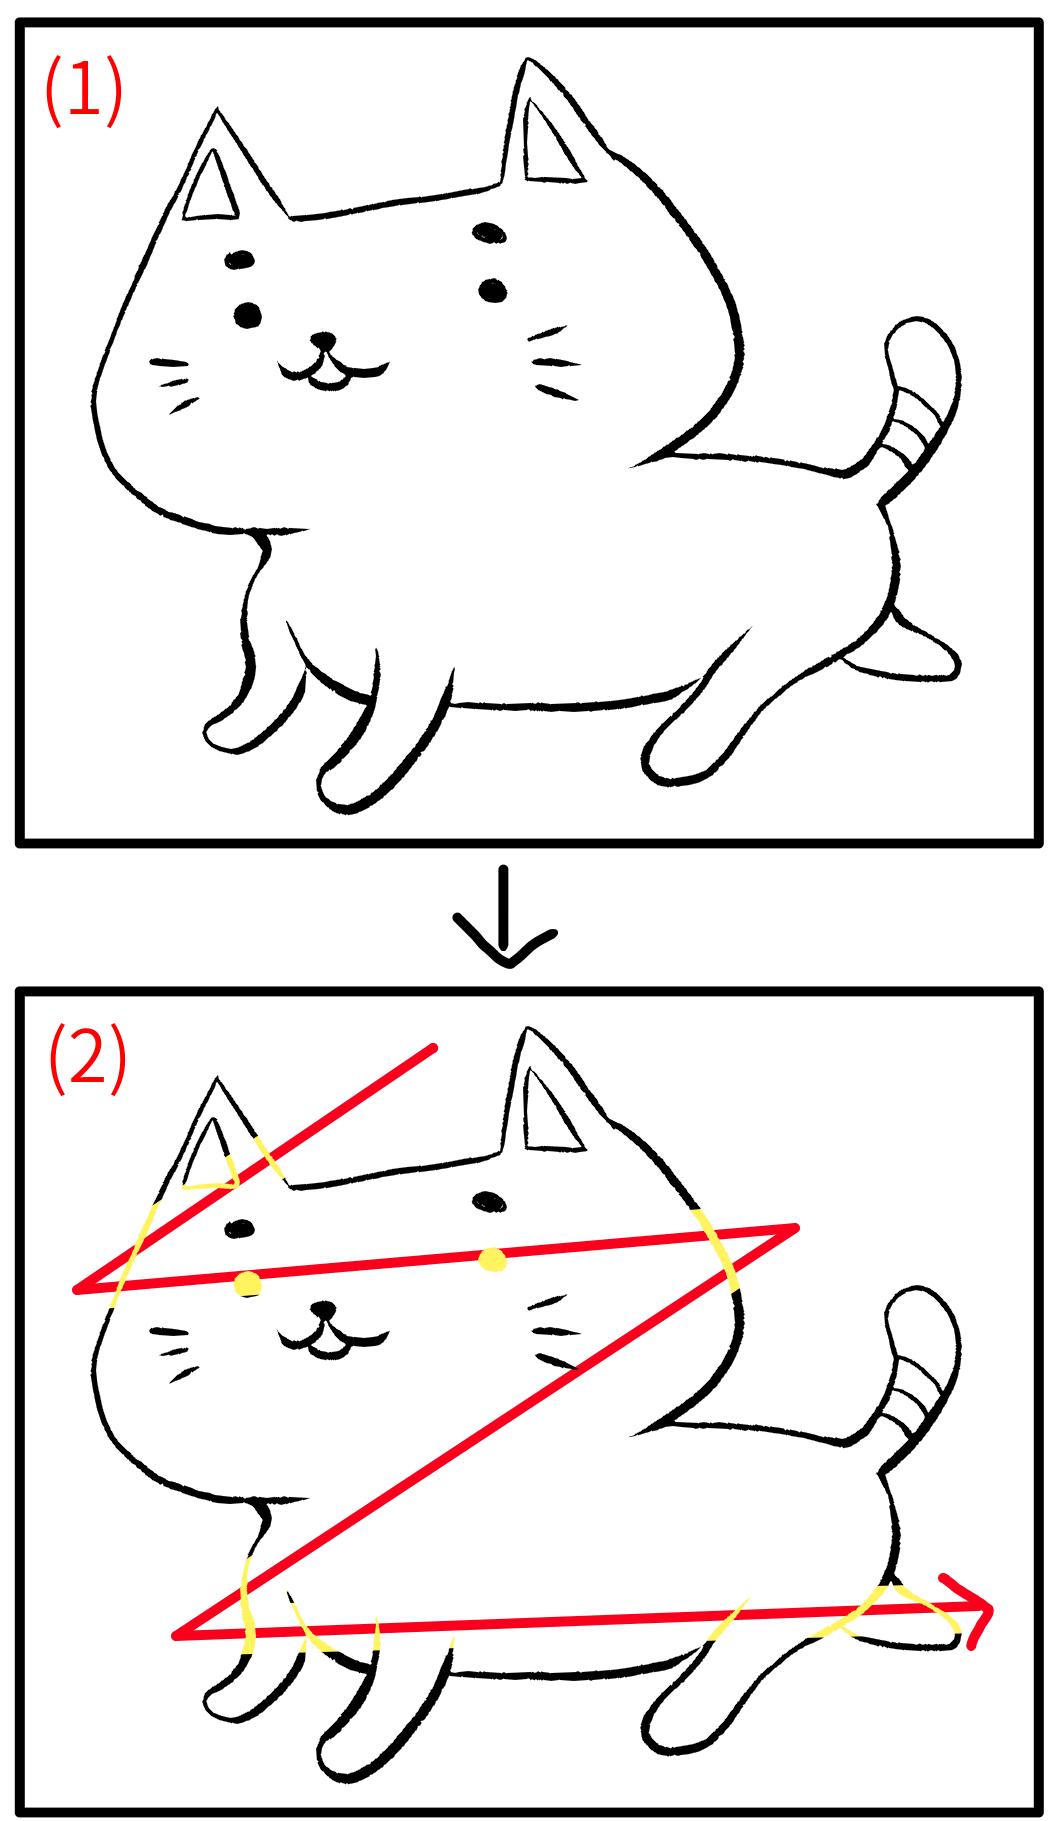 Intenta cambiar el color del dibujo lineal